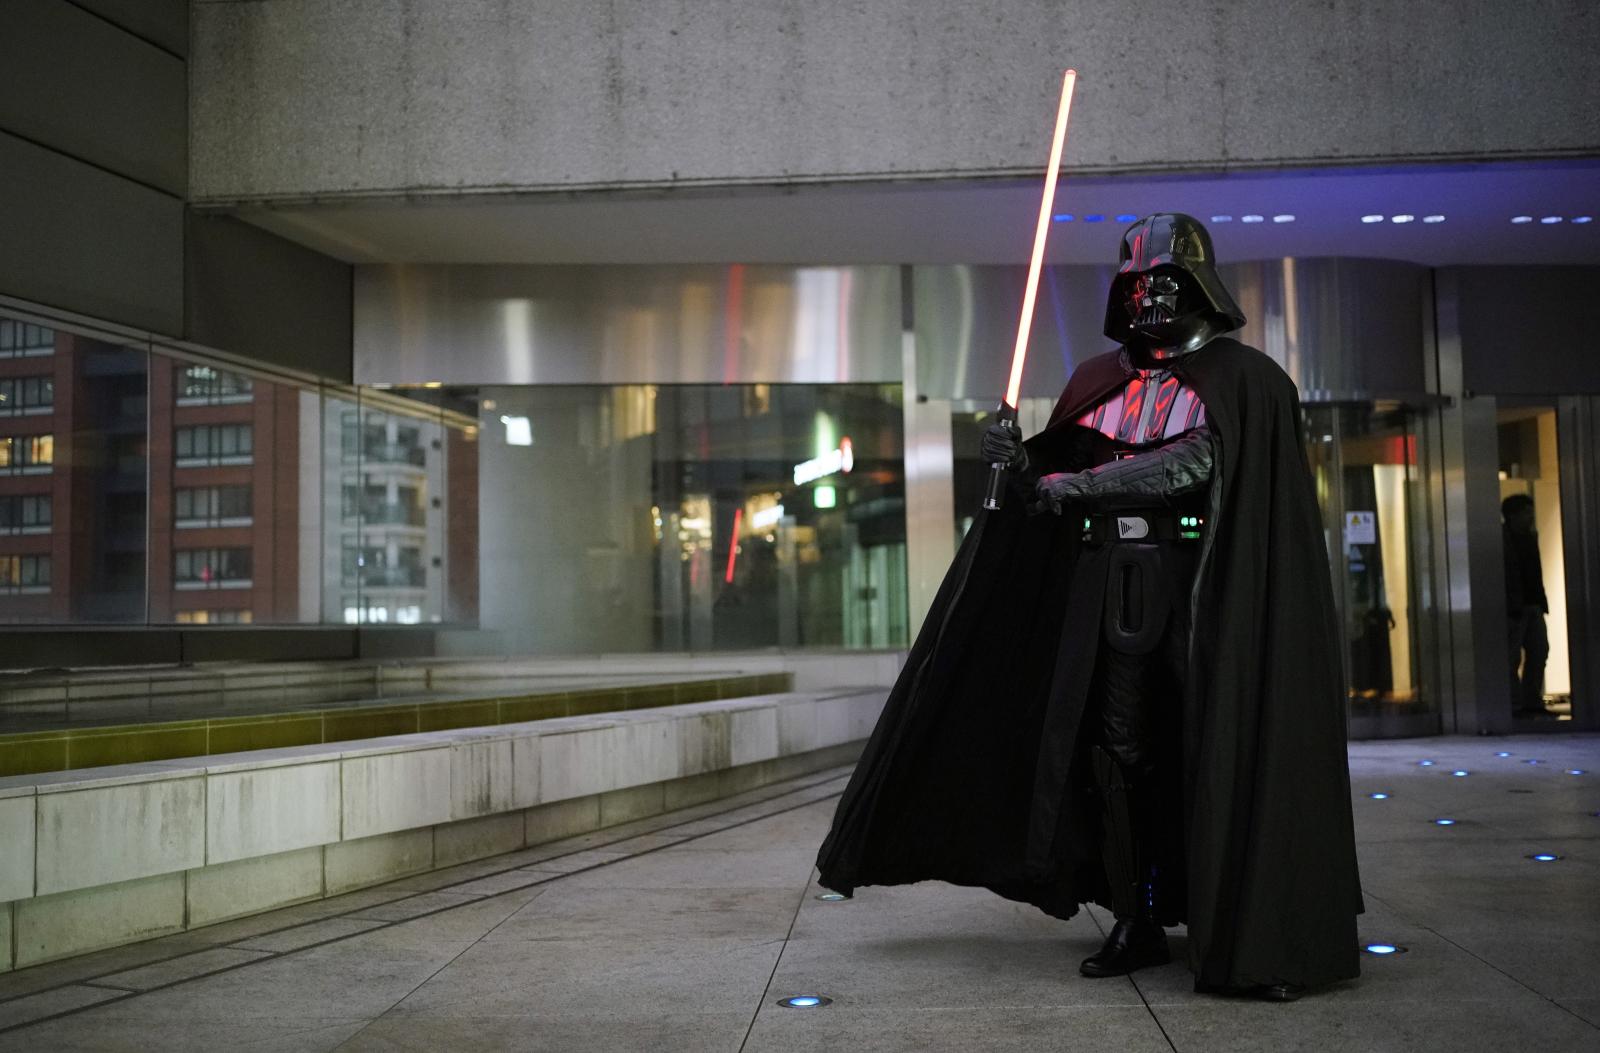 Japonia - przedstawienie Star Wars w teatrze EPA/FRANCK ROBICHON